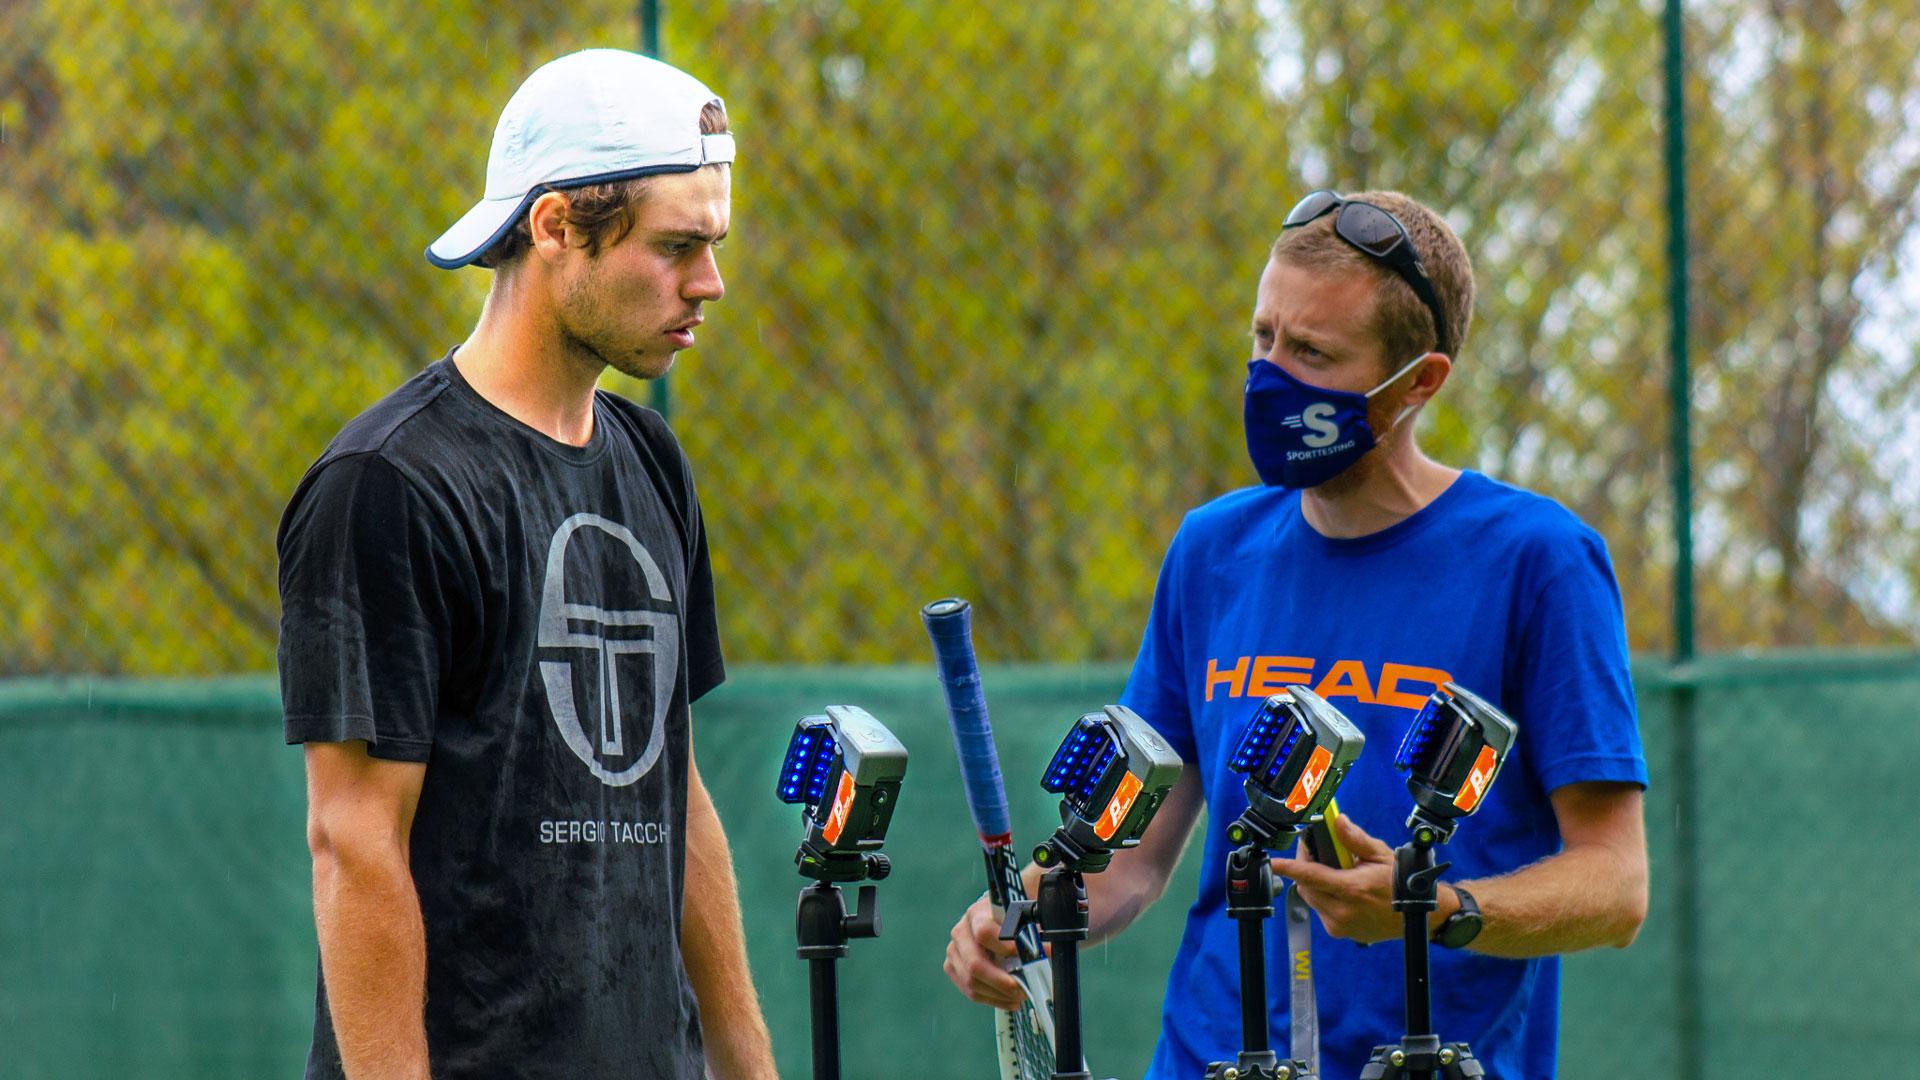 De nouveaux déterminants cognitifs liés à la fatigue physique ? Cas d'étude: le tennis.